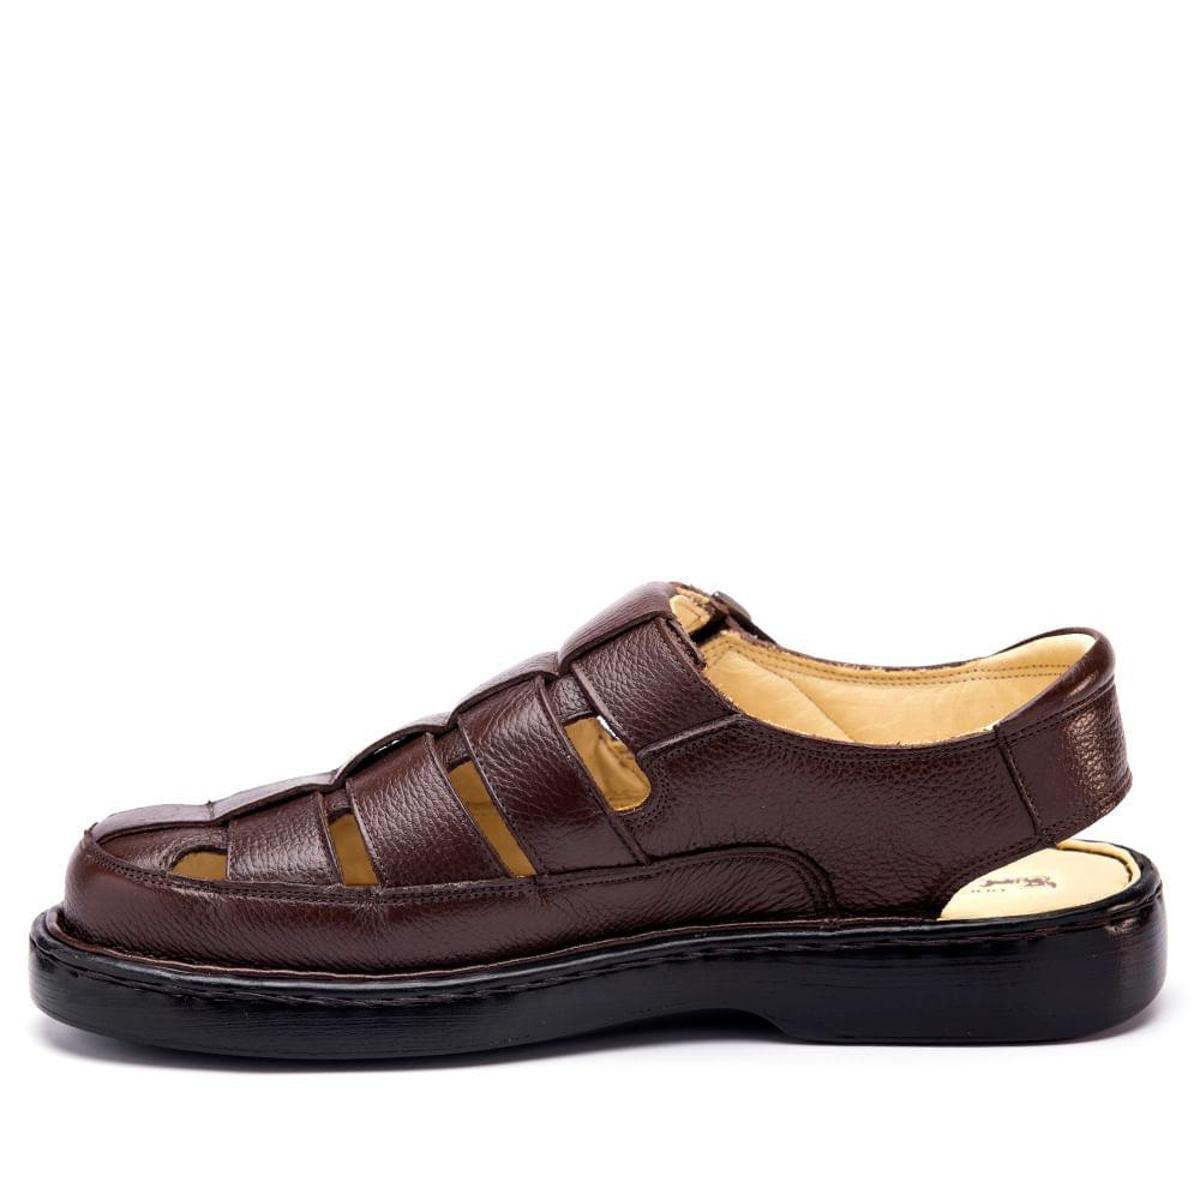 0b1d647187 Sandália Couro 321 Floater Doctor Shoes Masculina - Café - Compre ...